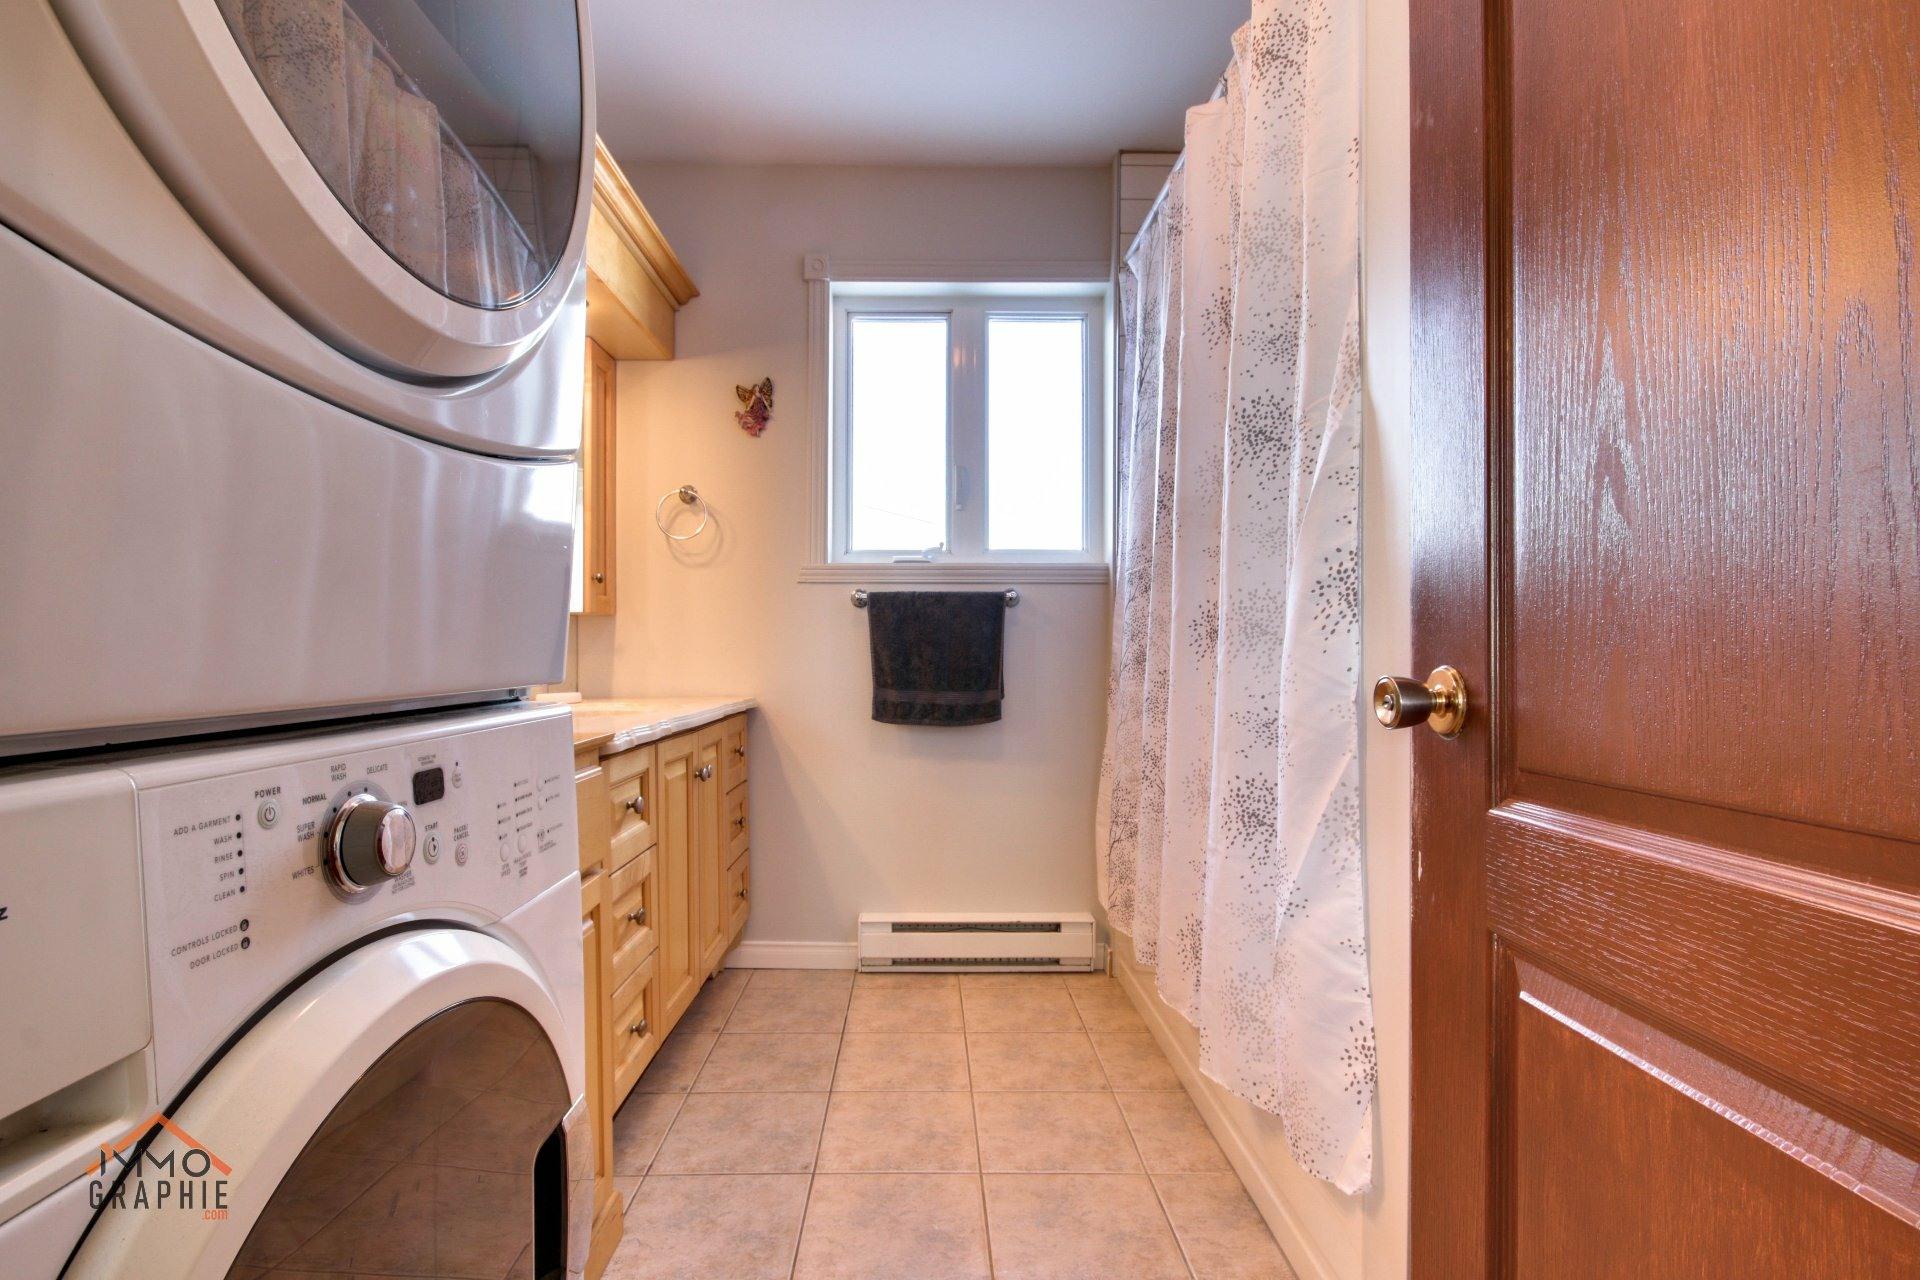 image 18 - Maison À vendre Saint-Pierre-les-Becquets - 8 pièces